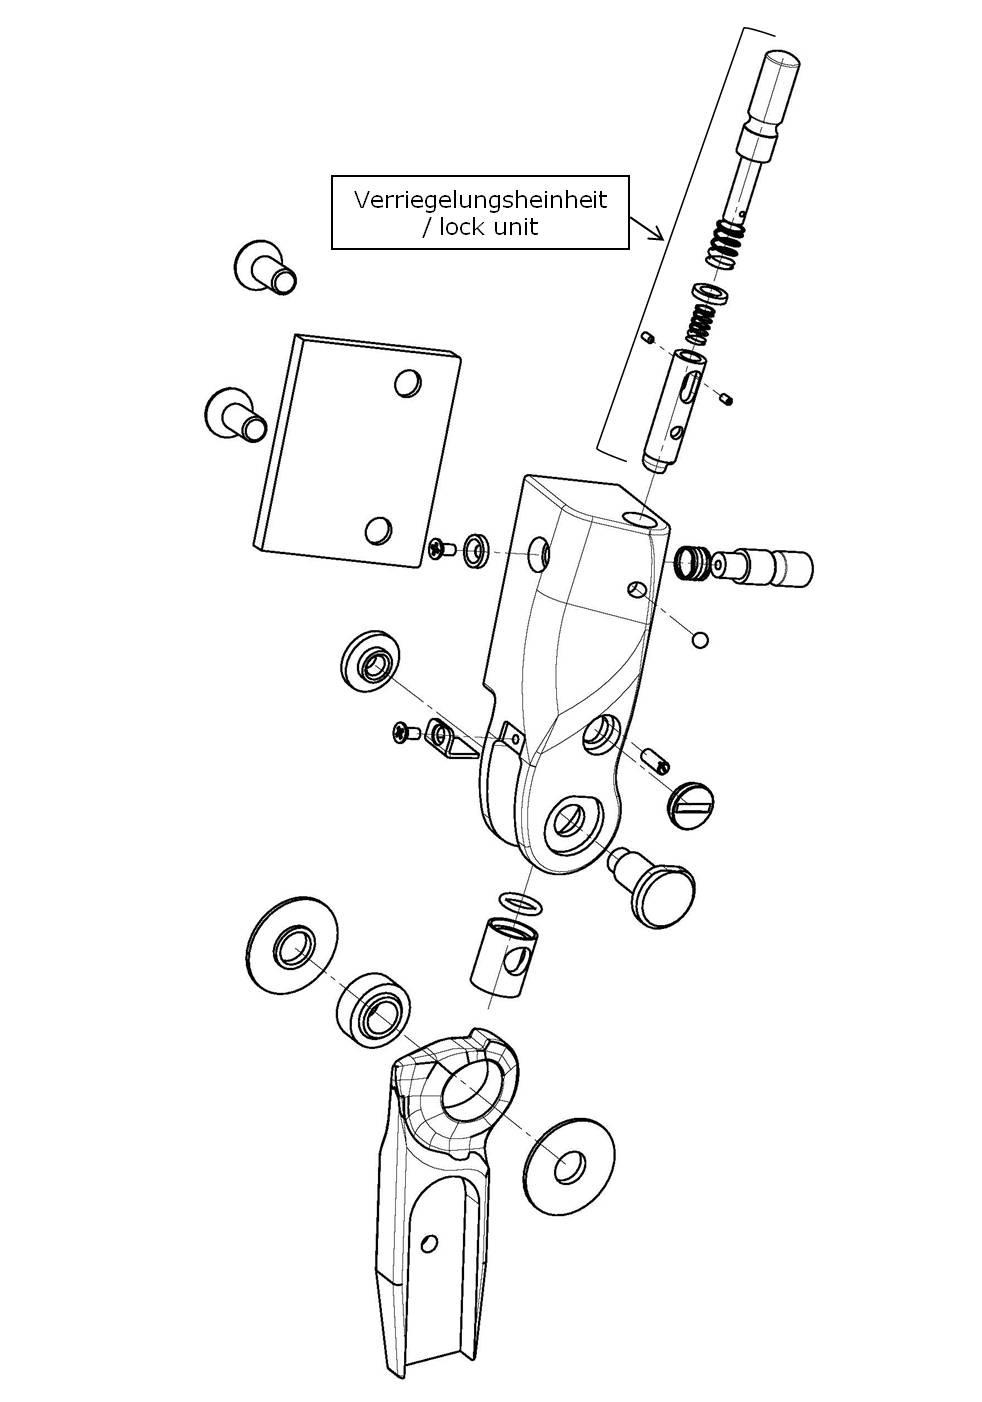 Verriegelungseinheit für das Salera preselect 3-D Hüftgelenk